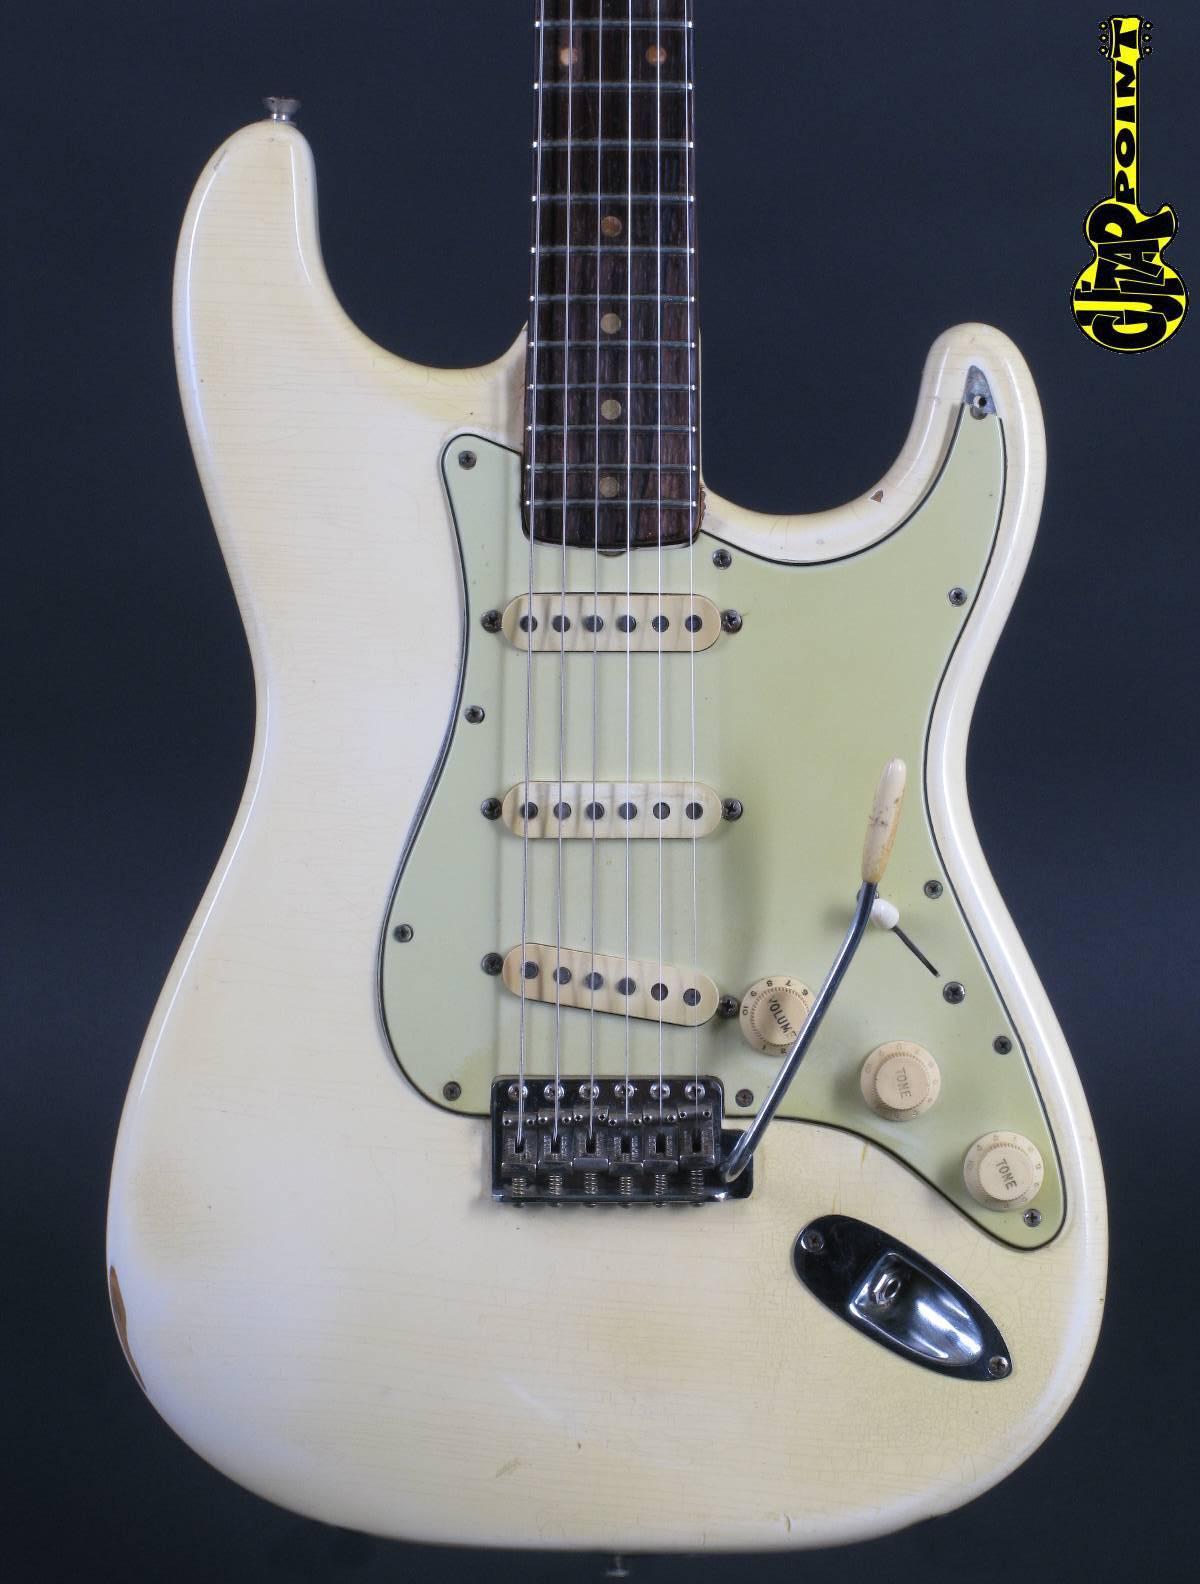 1961 Fender Stratocaster - Olympic White